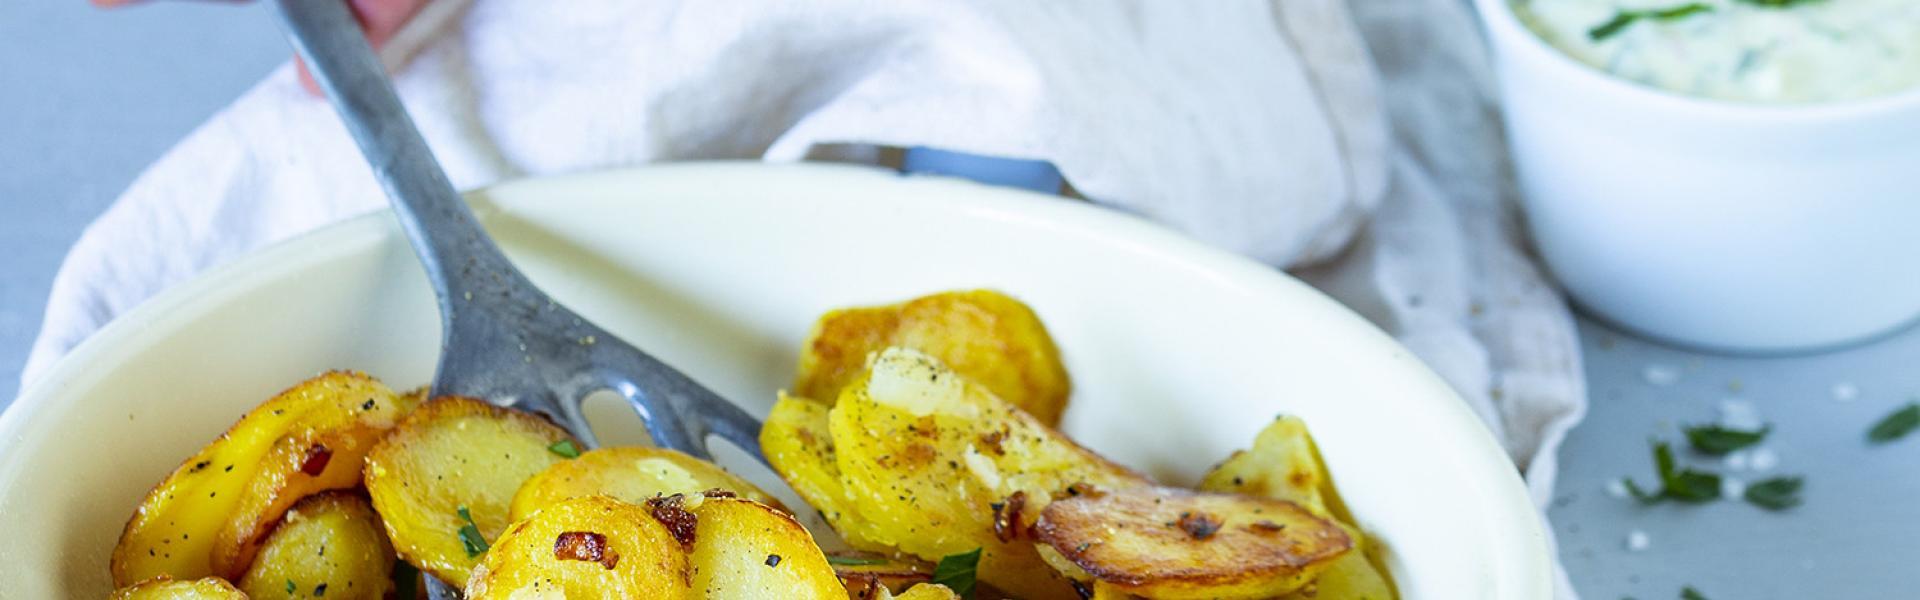 Bratkartoffeln aus gekochten Kartoffeln in einer Pfanne, die mit einem Pfannenwender herausgenommen werden.